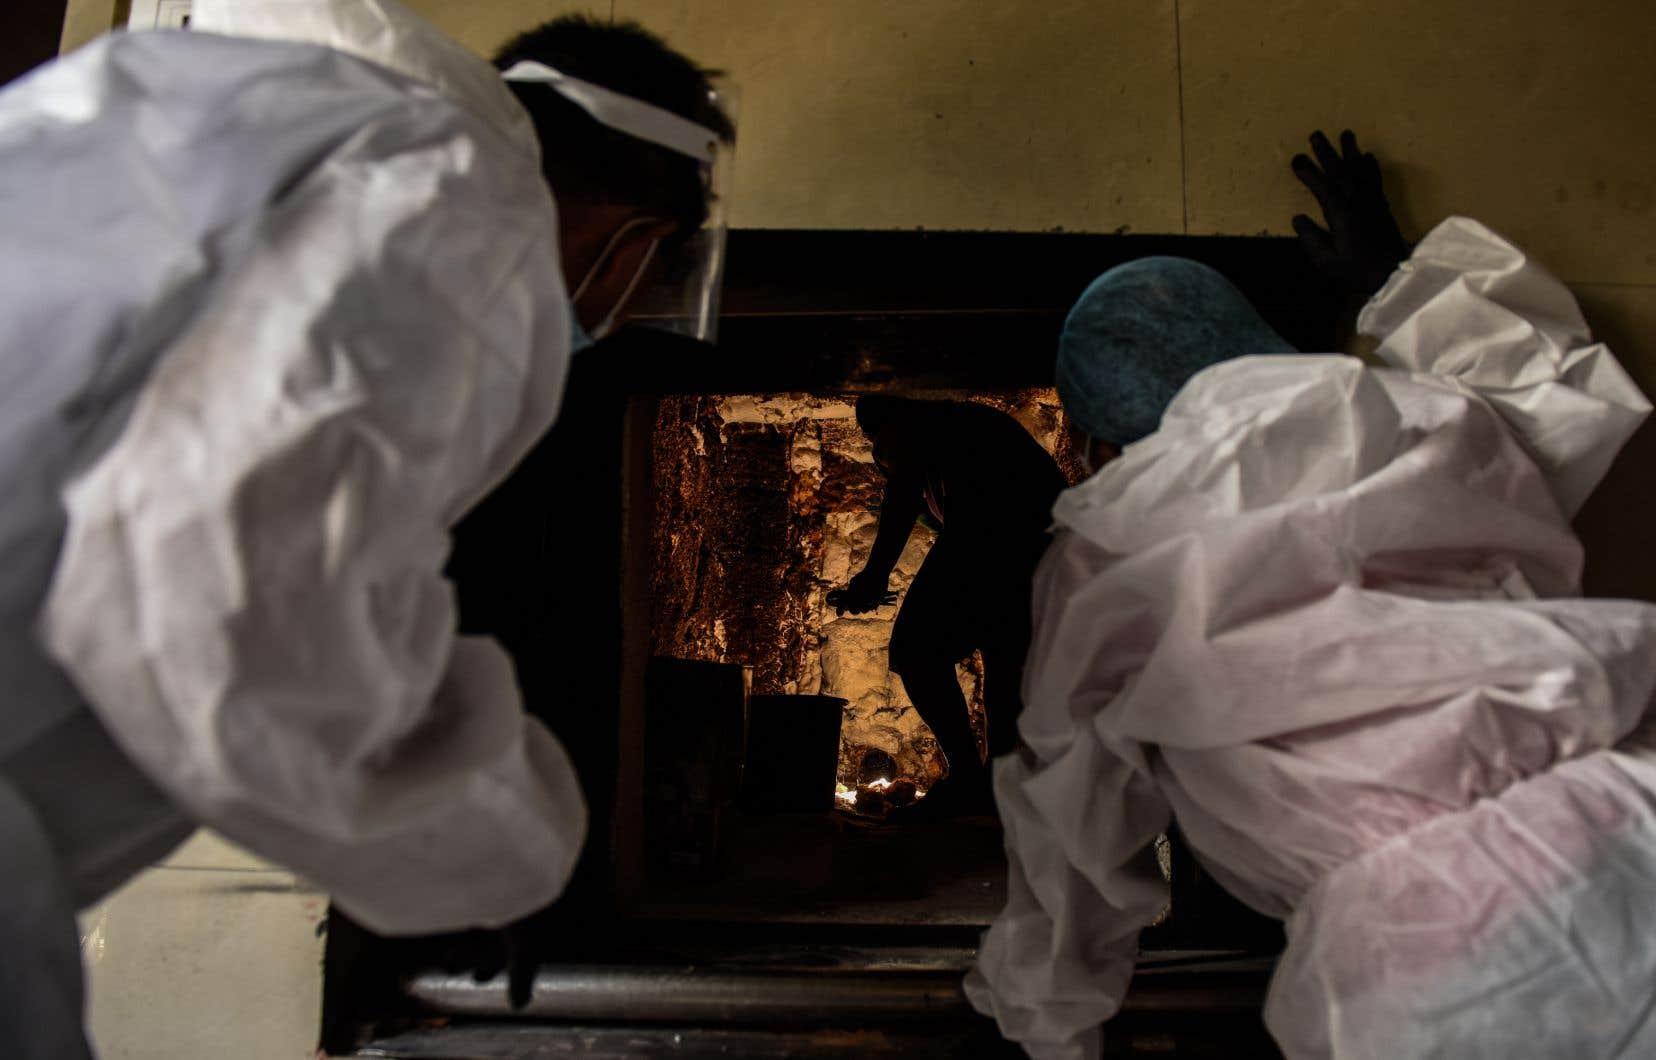 Un travailleur en blouse nettoie un four d'incinération sous les yeux de ses collègues. Aux Philippines, où les corps des défunts sont traditionnellement embaumés avant d'être exposés plusieurs jours, puis inhumés, les autorités encouragent désormais une crémation expéditive.